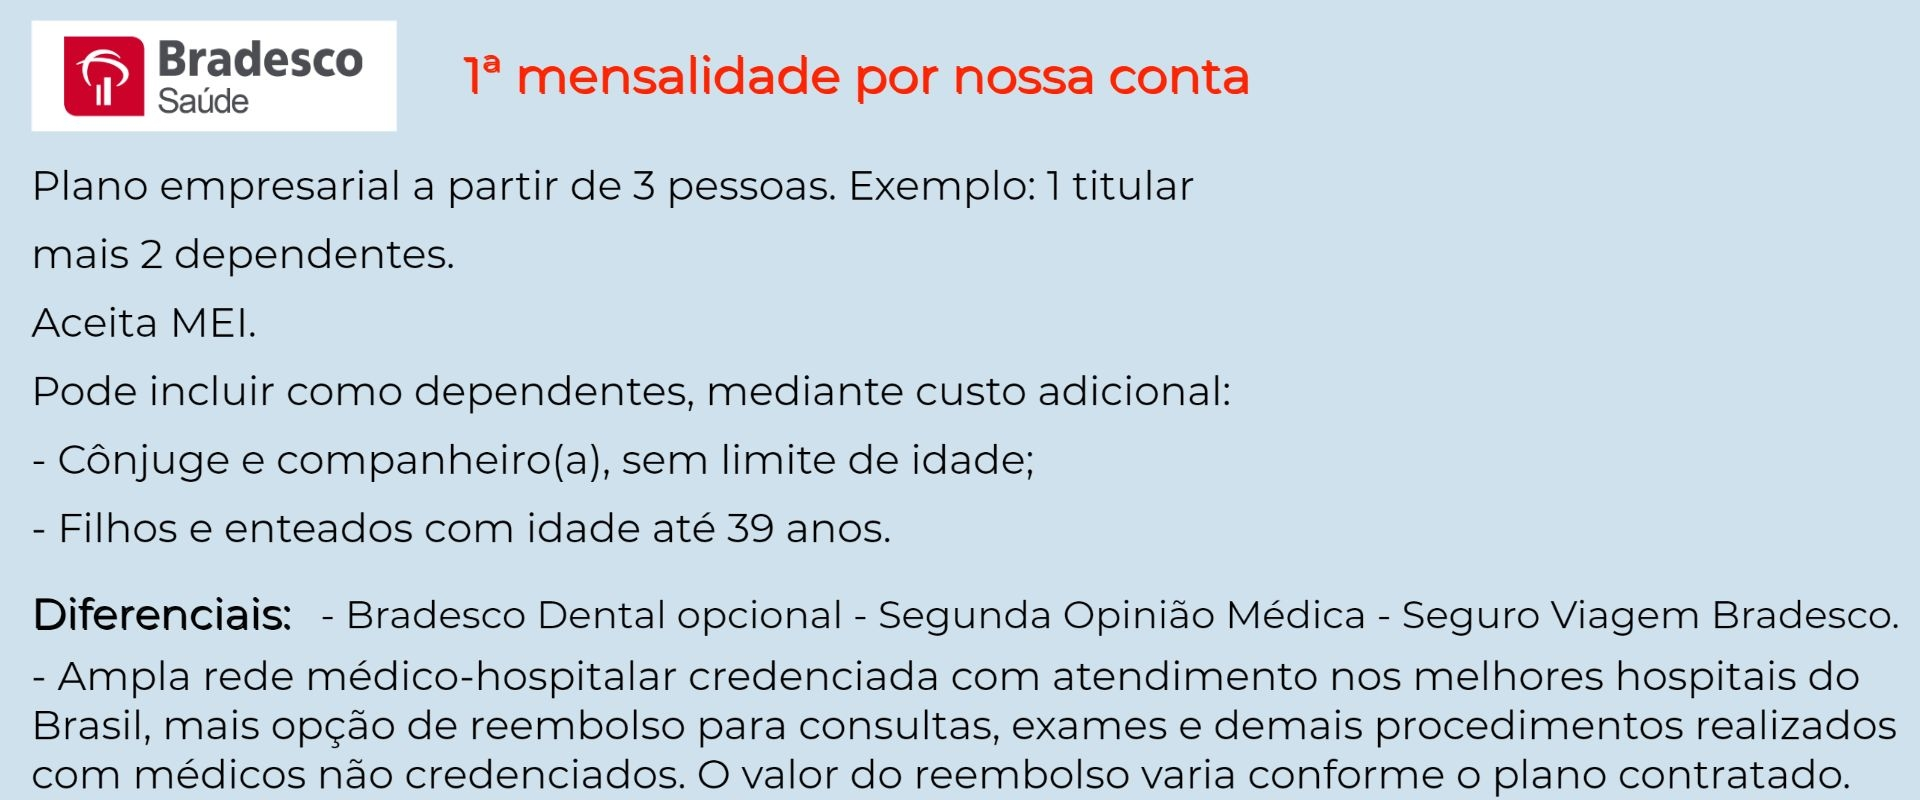 Bradesco Saúde Empresarial - Catu